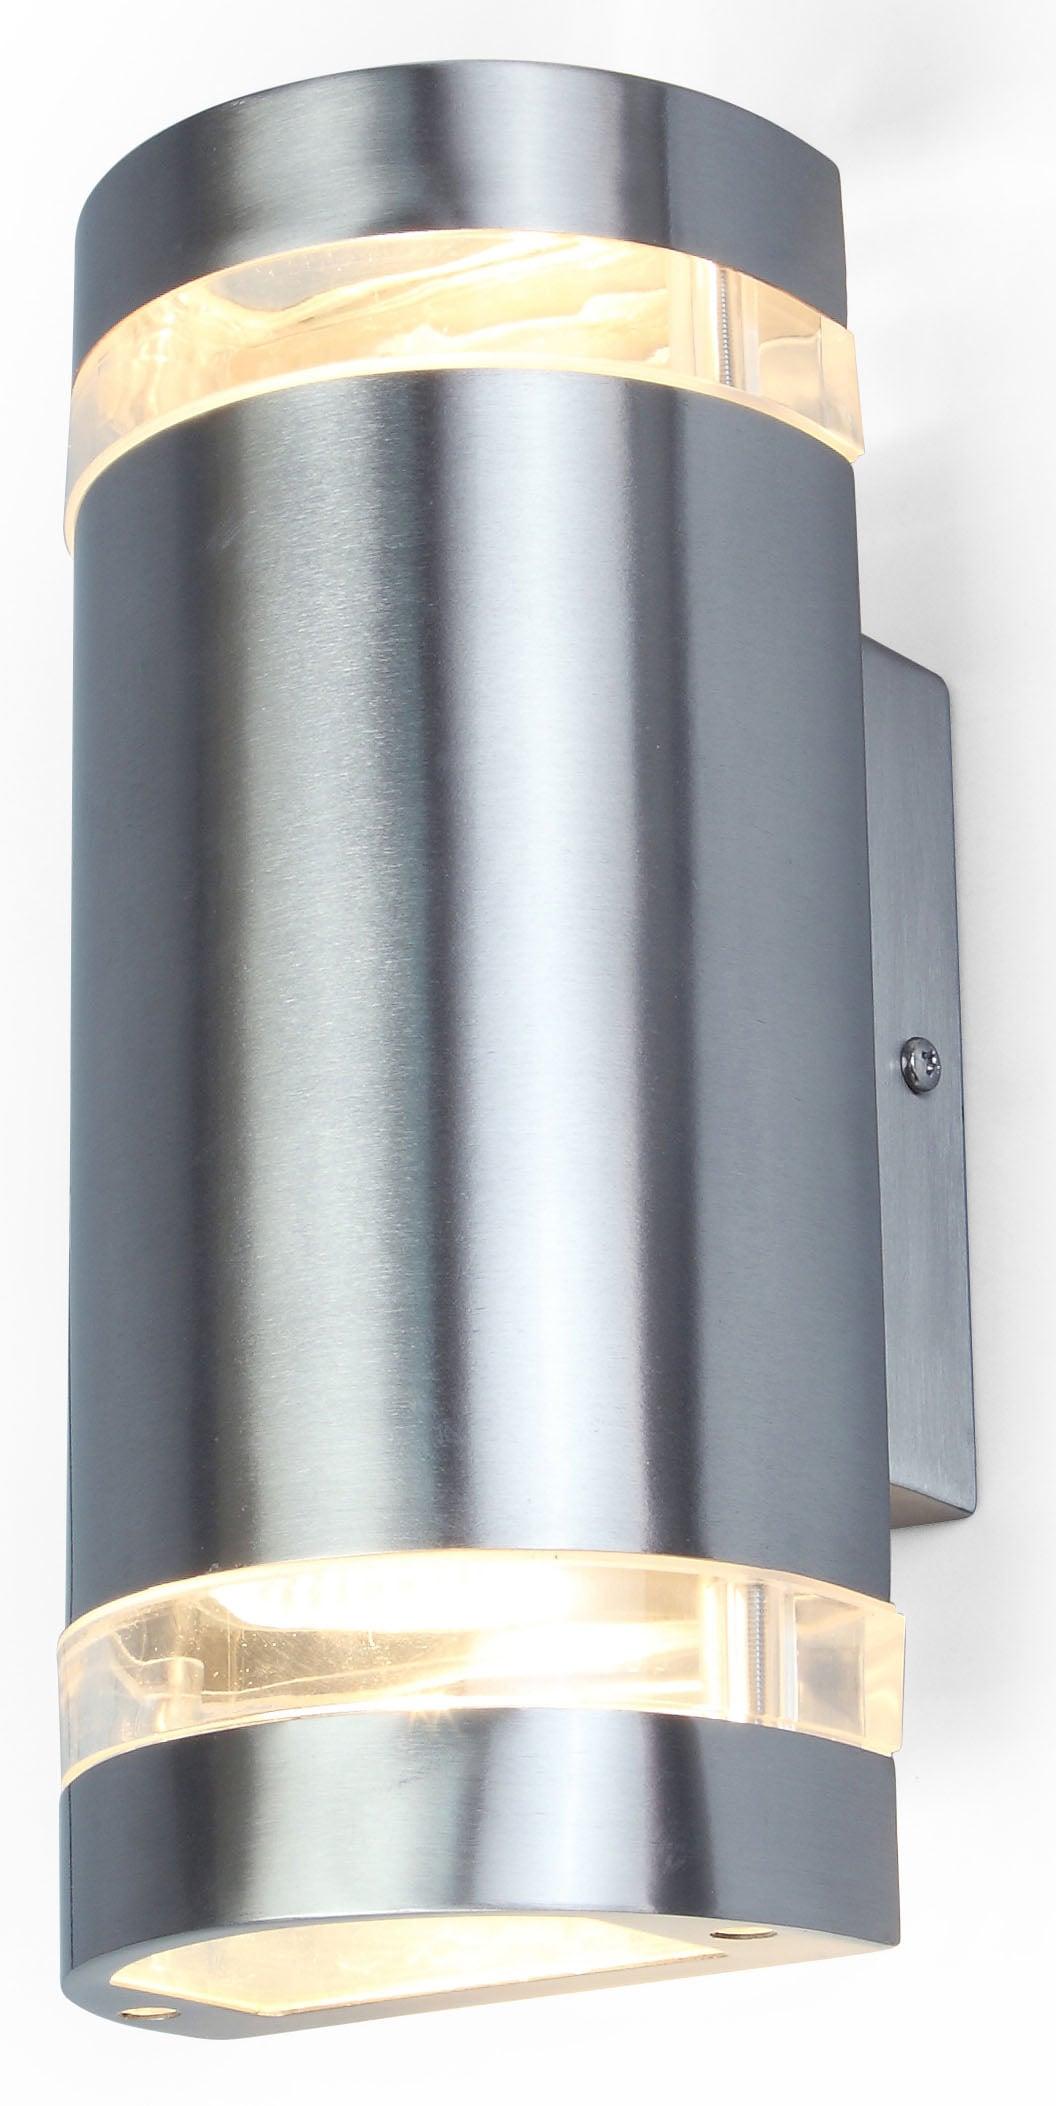 LUTEC Außen-Wandleuchte Focus ST 6040 GU10, GU10, 1 St.